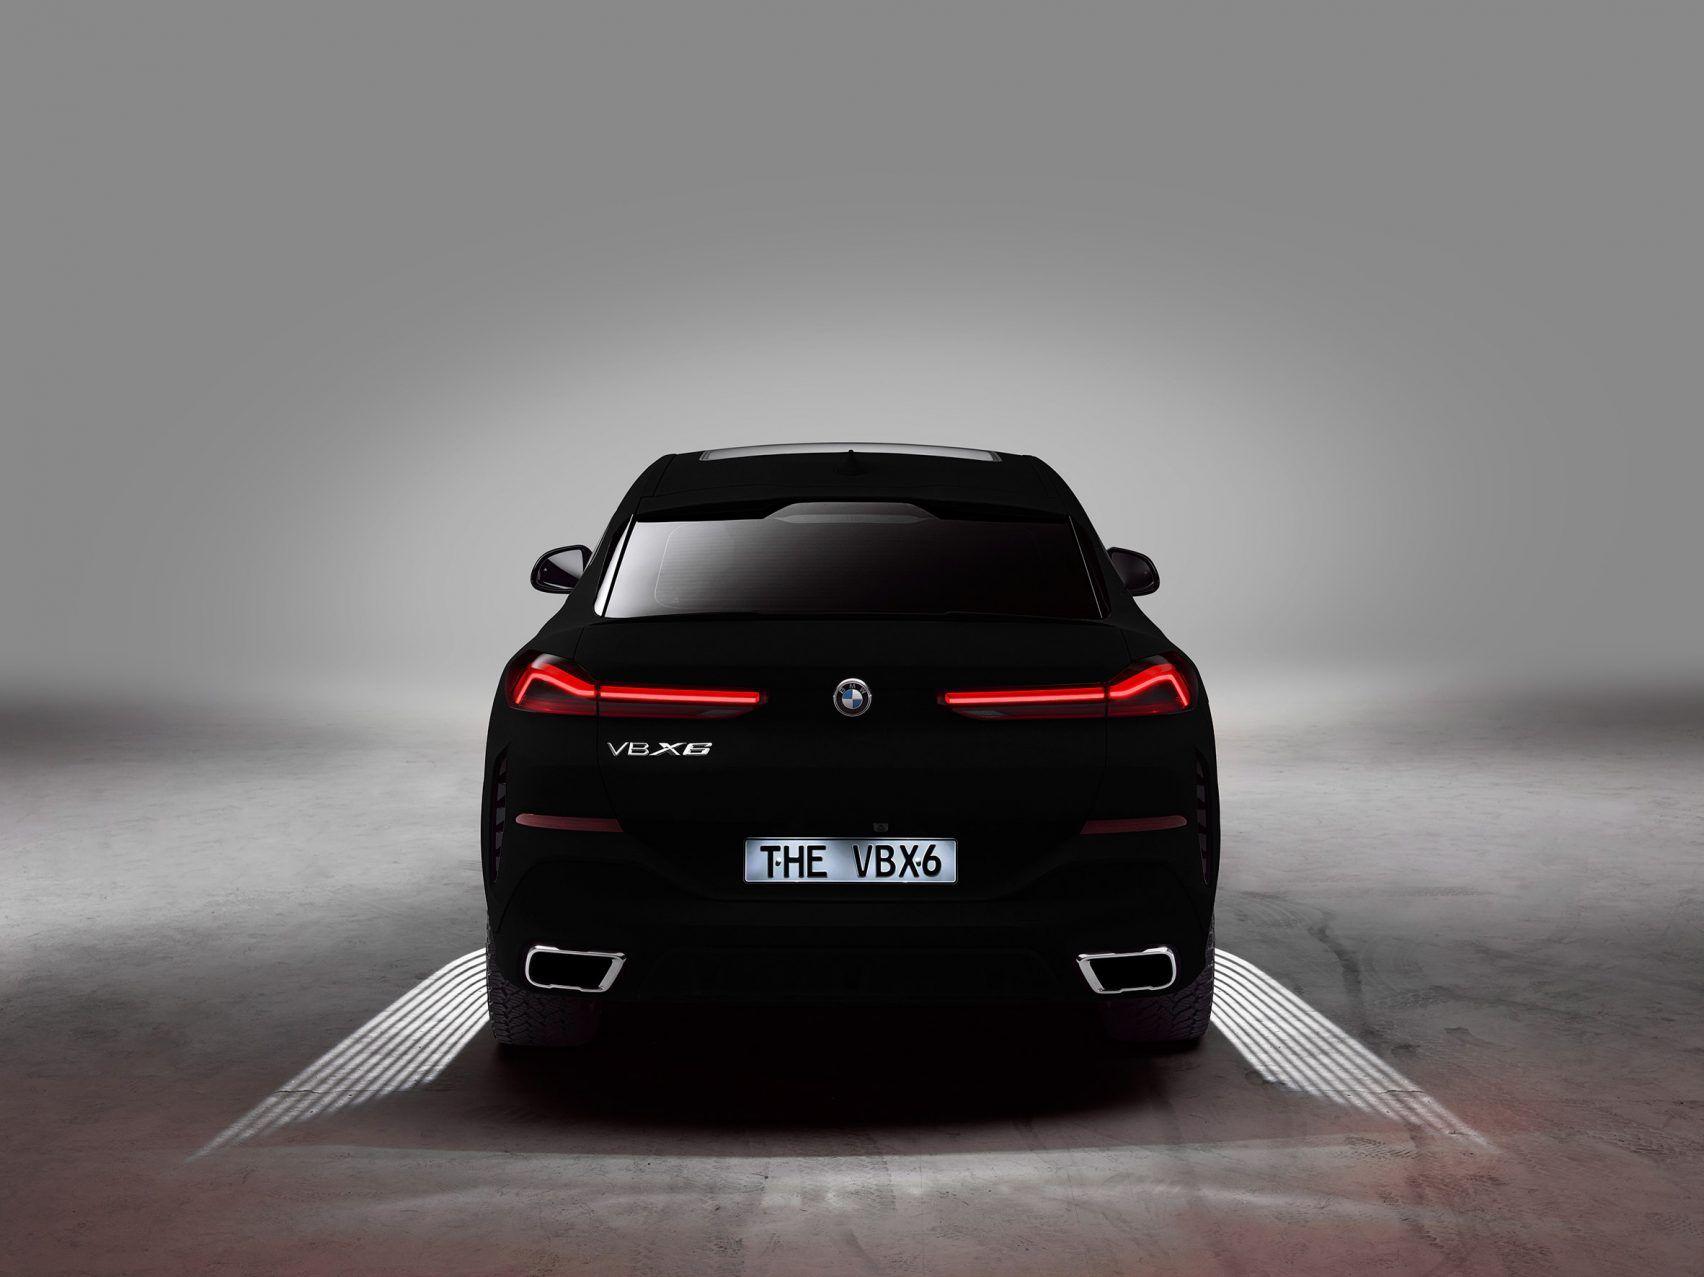 Bmw Unveils Blackest Black Bmw Vbx6 Car Sprayed With Vantablack Bmw X6 Bmw Black Bmw